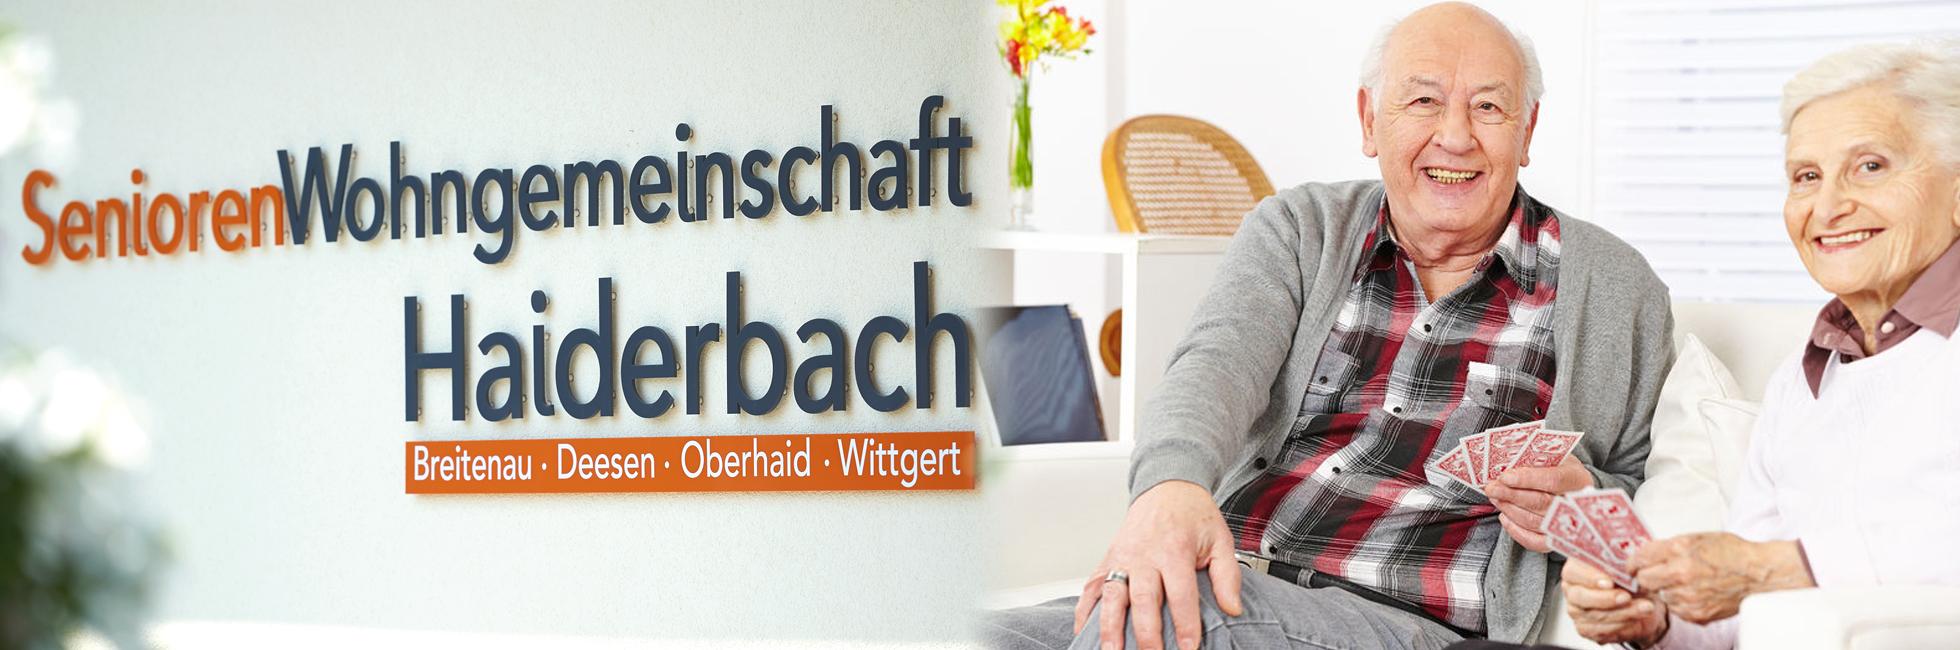 slider01_Haiderbach